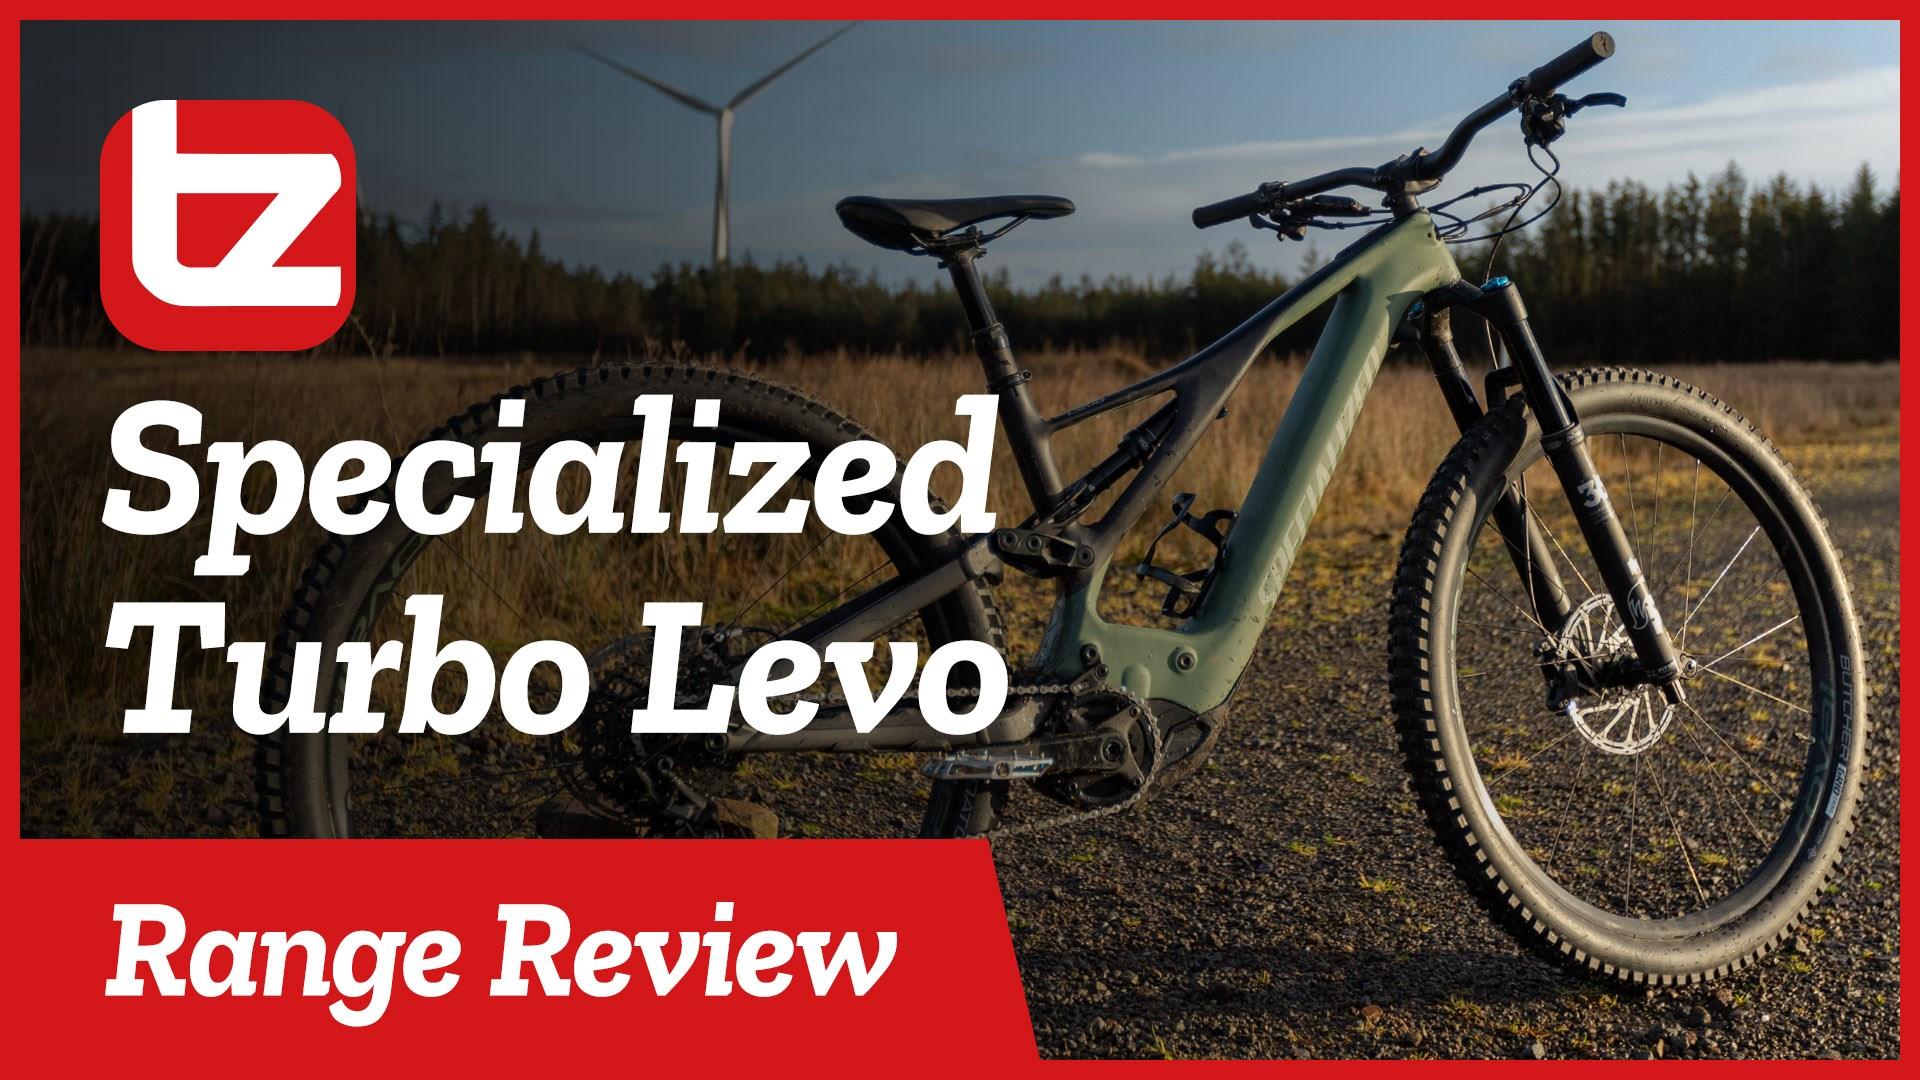 Specialized Turbo Levo | Range Review | Tredz Bikes